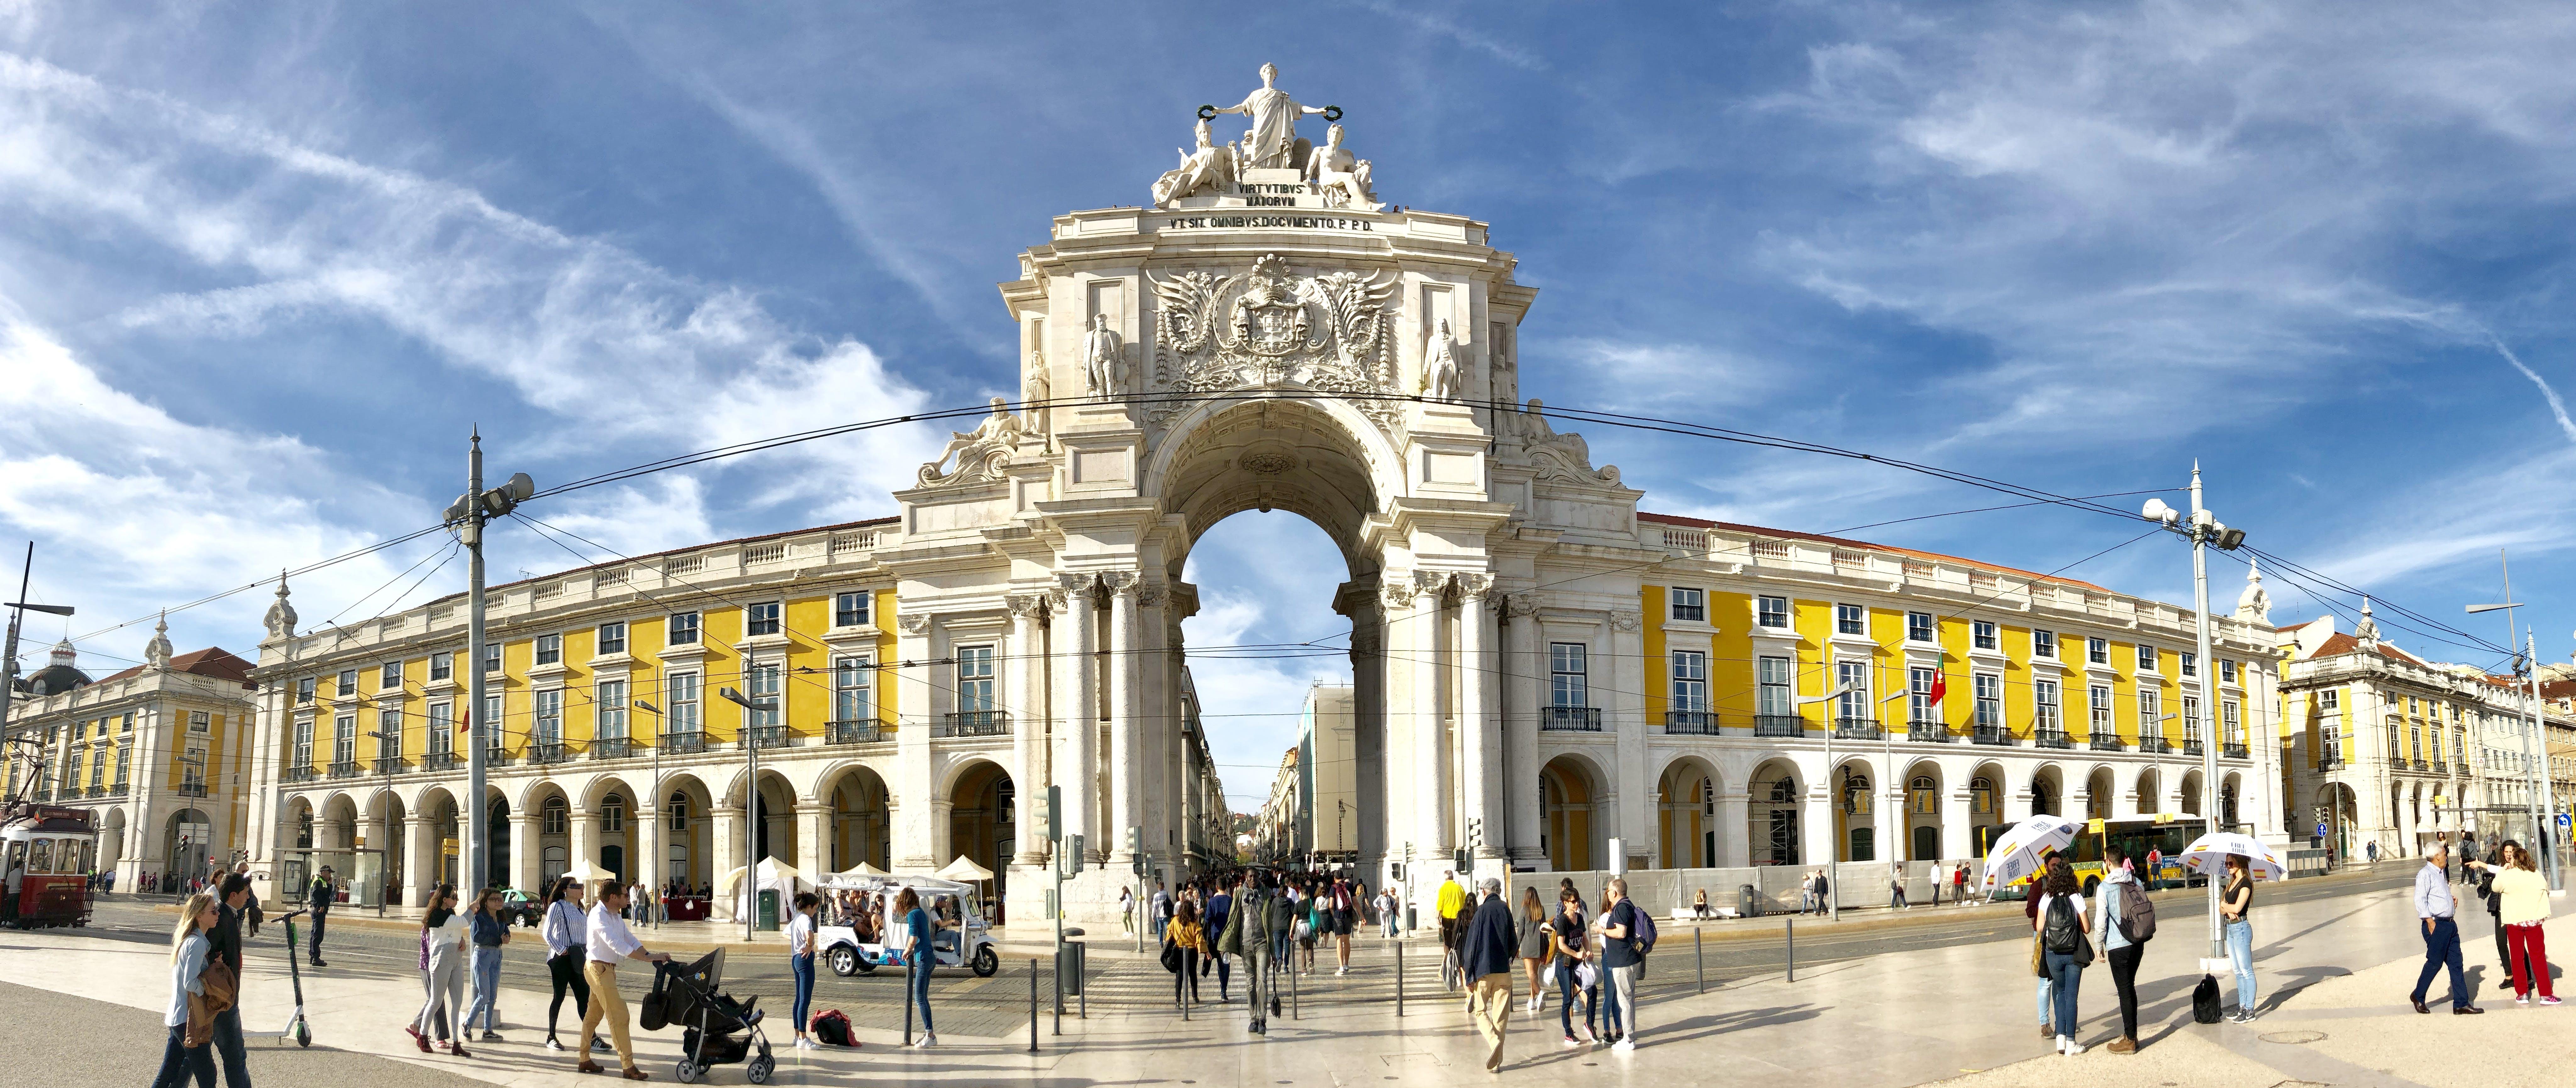 Δωρεάν στοκ φωτογραφιών με κέντρο πόλης, Λισαβόνα